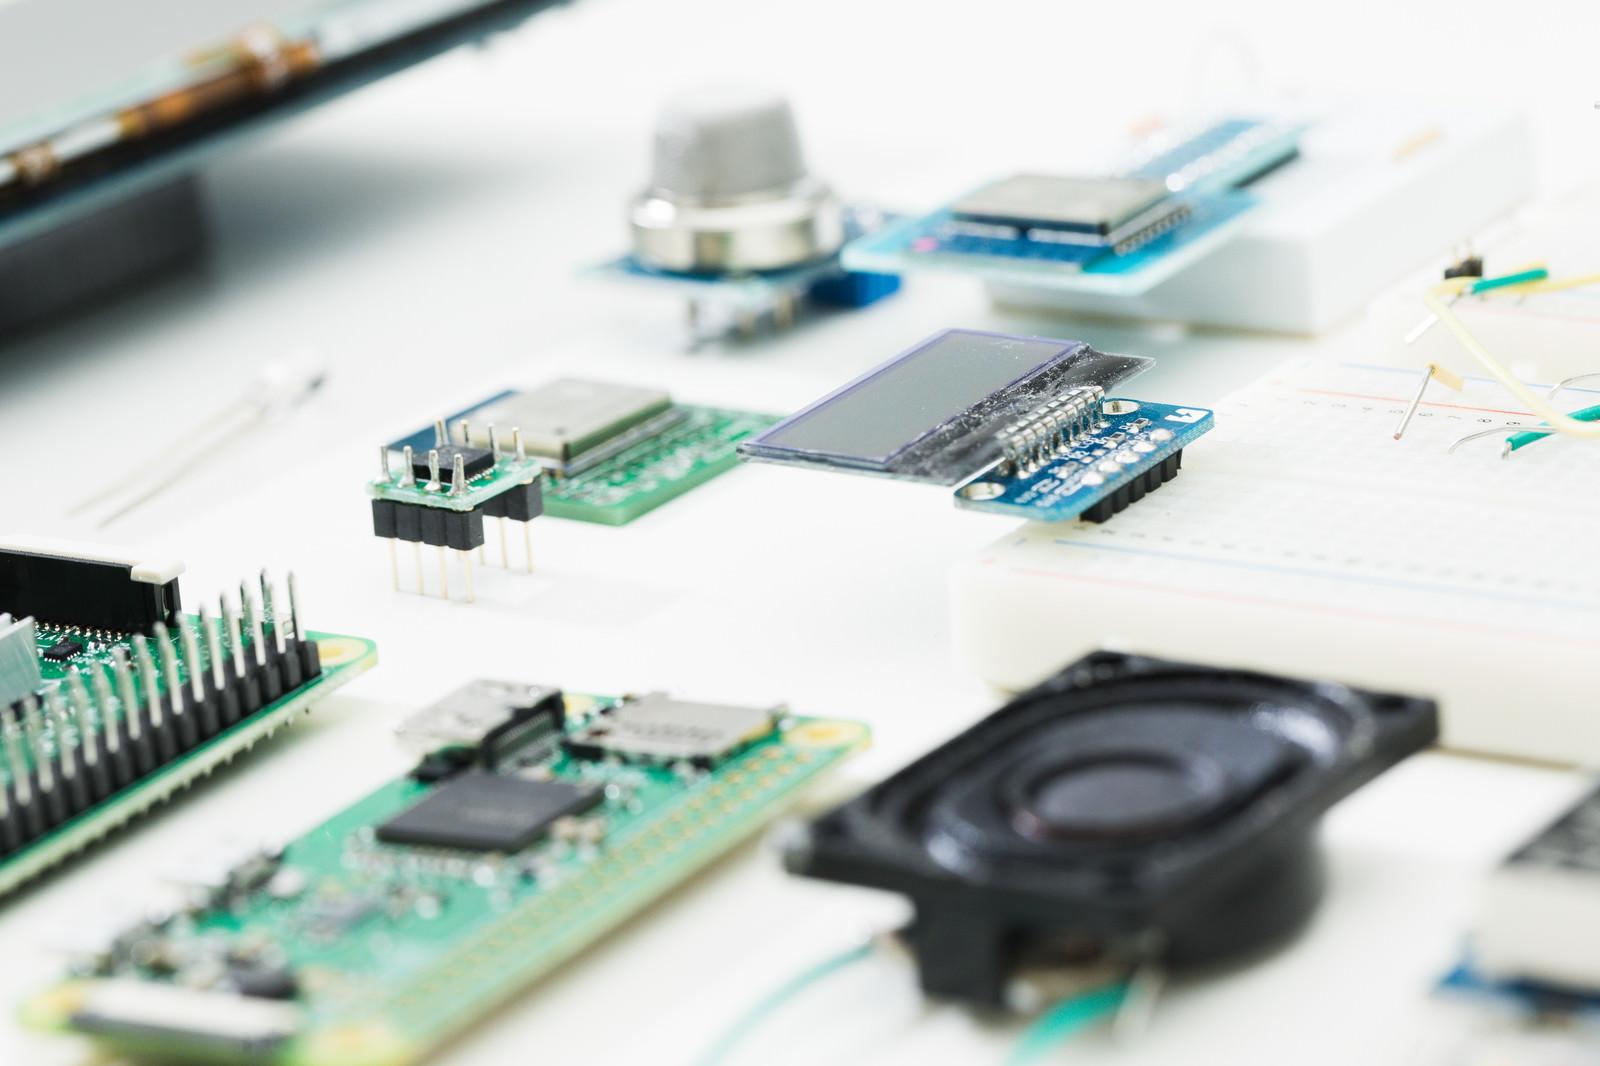 「小さな電子部品」の写真